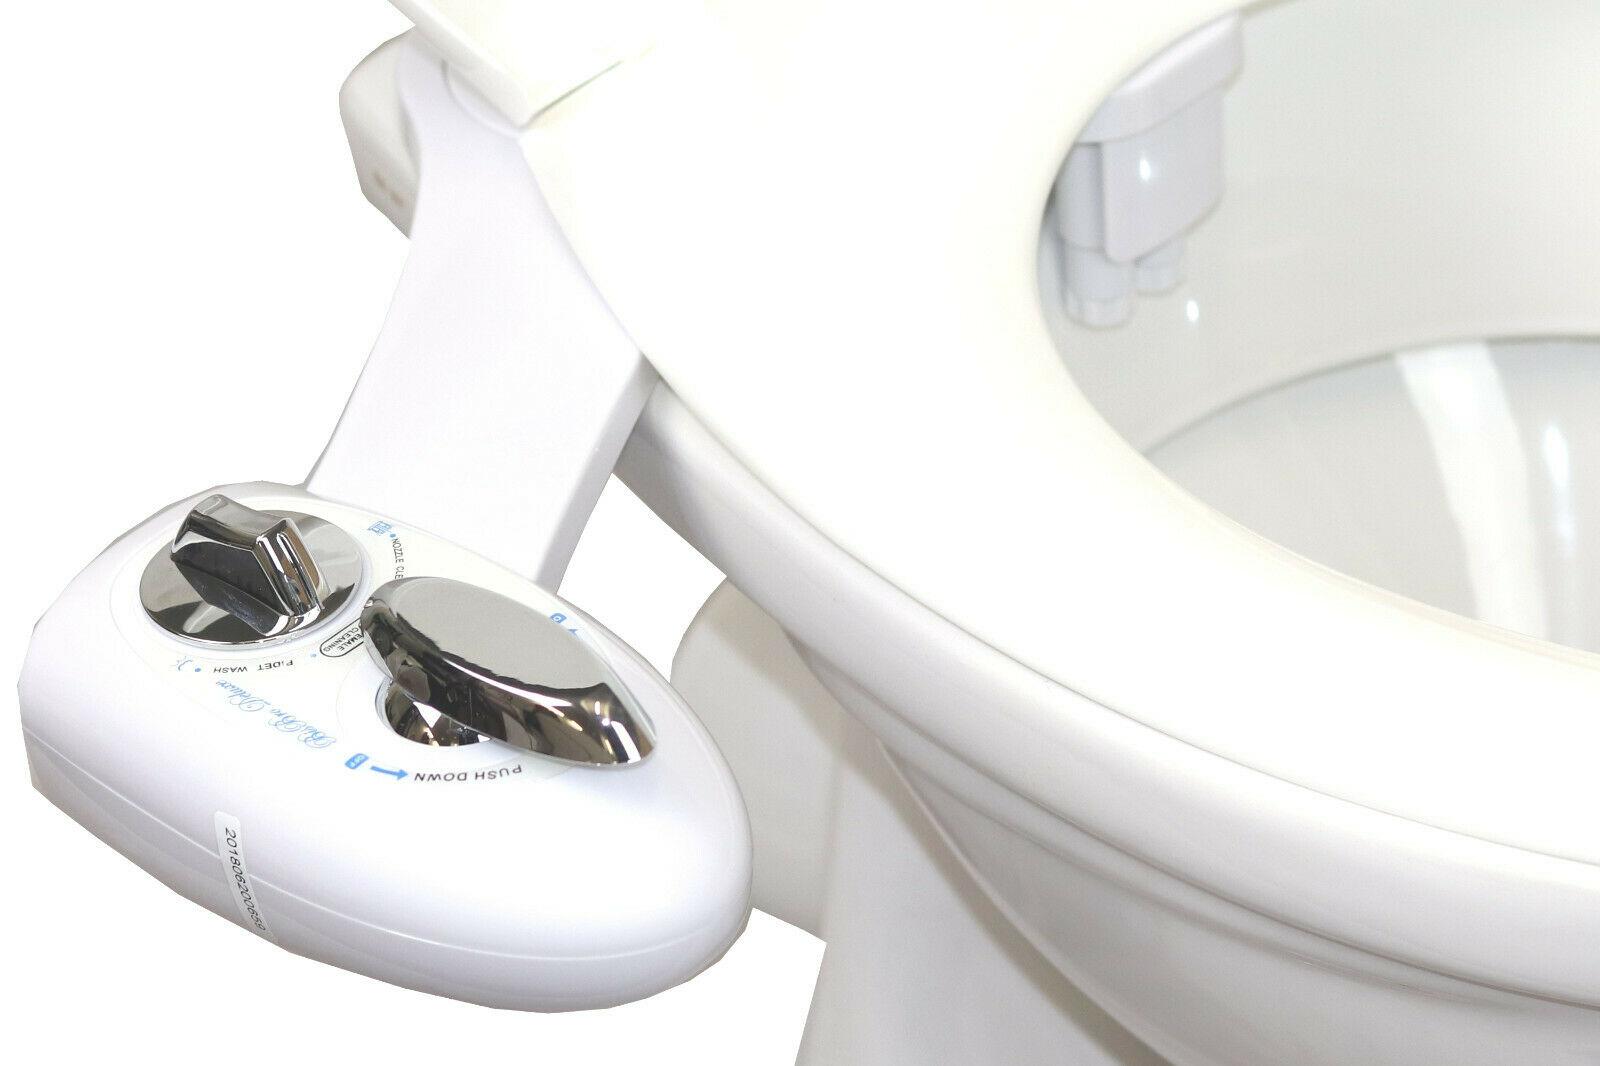 Full Size of Dusch Wc Aufsatz Bidet Taharet Toilette Taharat Dusche Schulte Duschen Werksverkauf Ebenerdige Unterputz Glastrennwand Bodengleiche Nachträglich Einbauen Dusche Dusch Wc Aufsatz